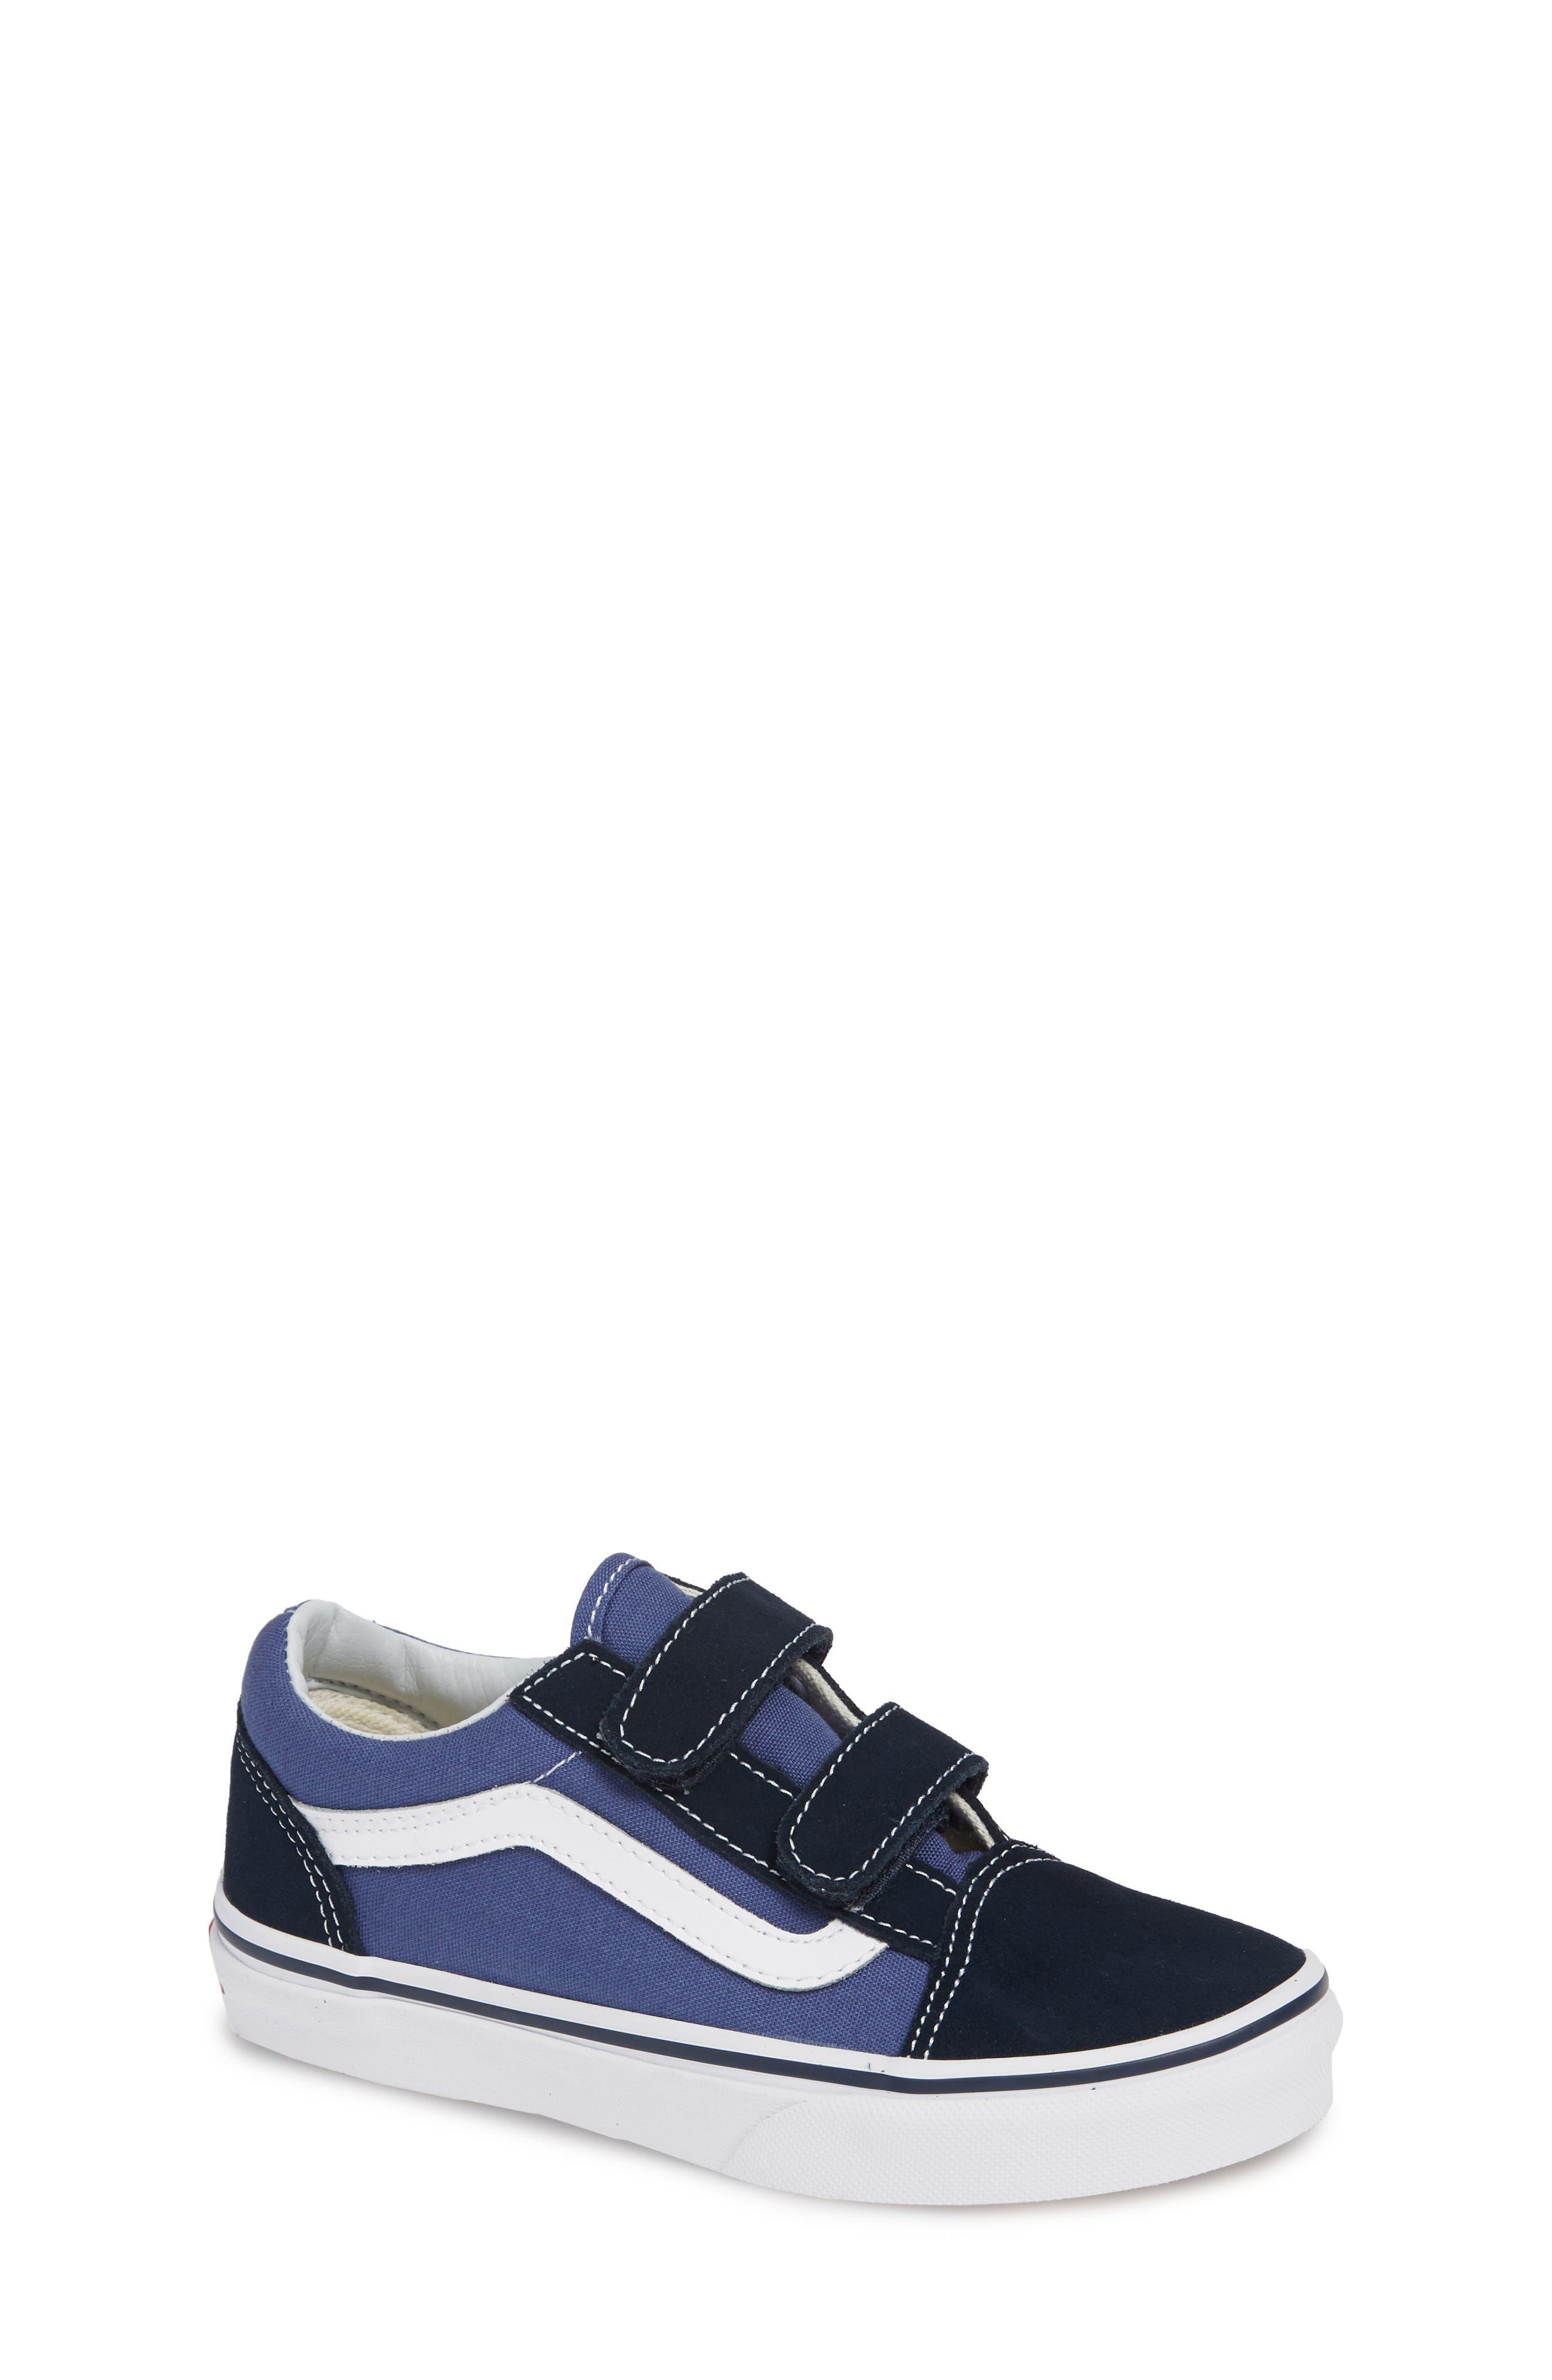 Old Skool V Sneaker,                             Main thumbnail 1, color,                             NAVY/ TRUE WHITE